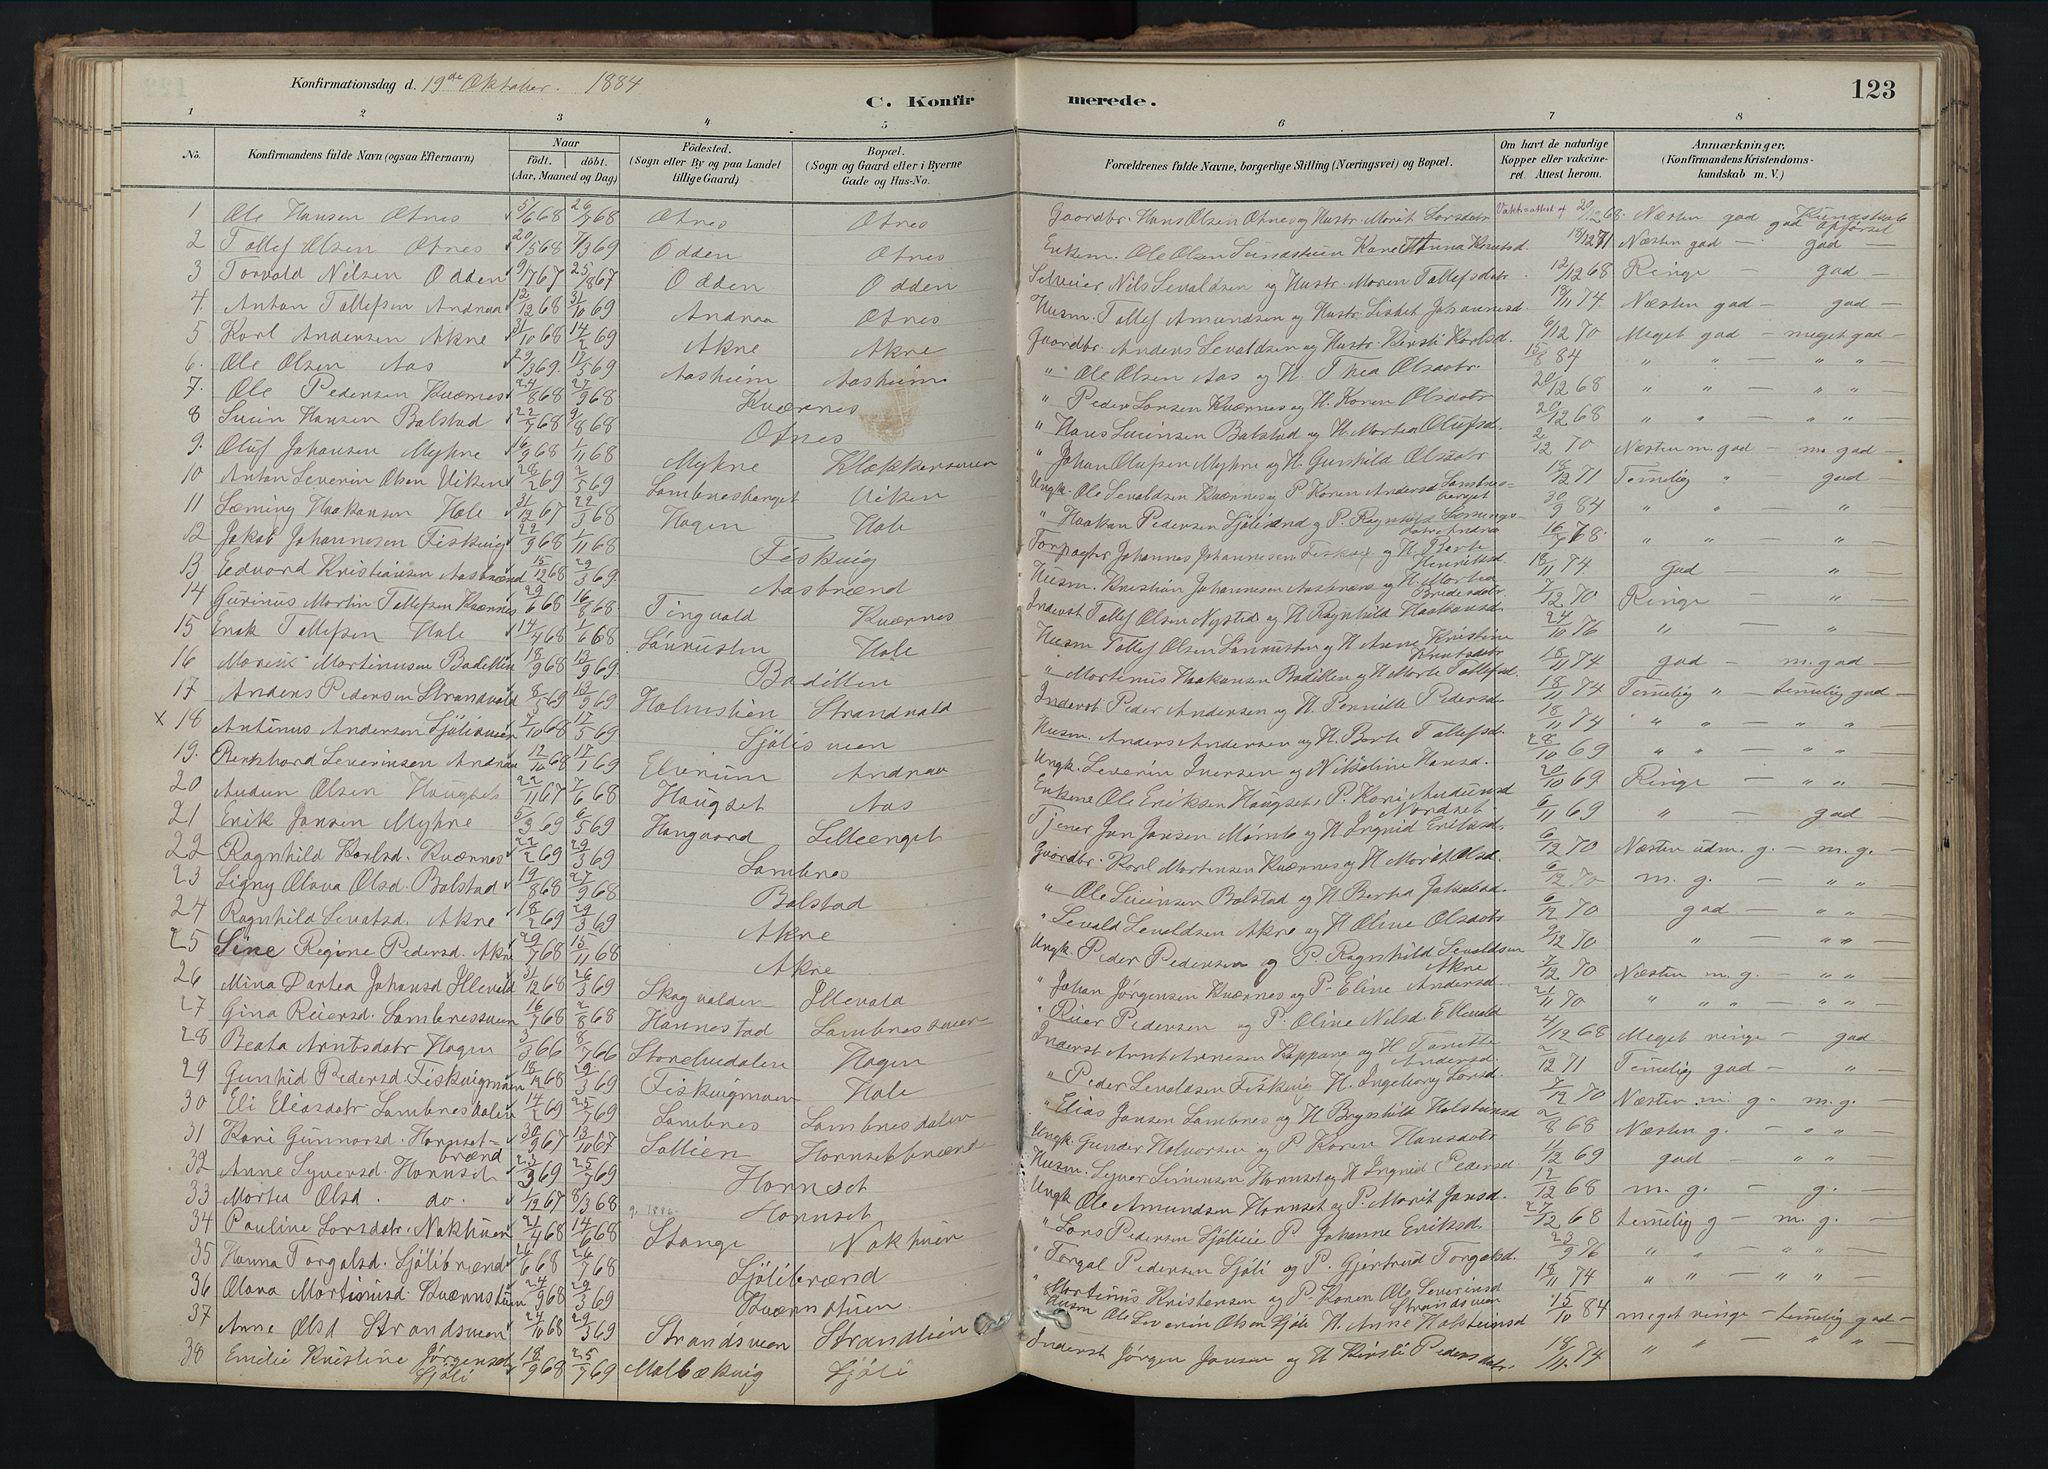 SAH, Rendalen prestekontor, H/Ha/Hab/L0009: Klokkerbok nr. 9, 1879-1902, s. 123